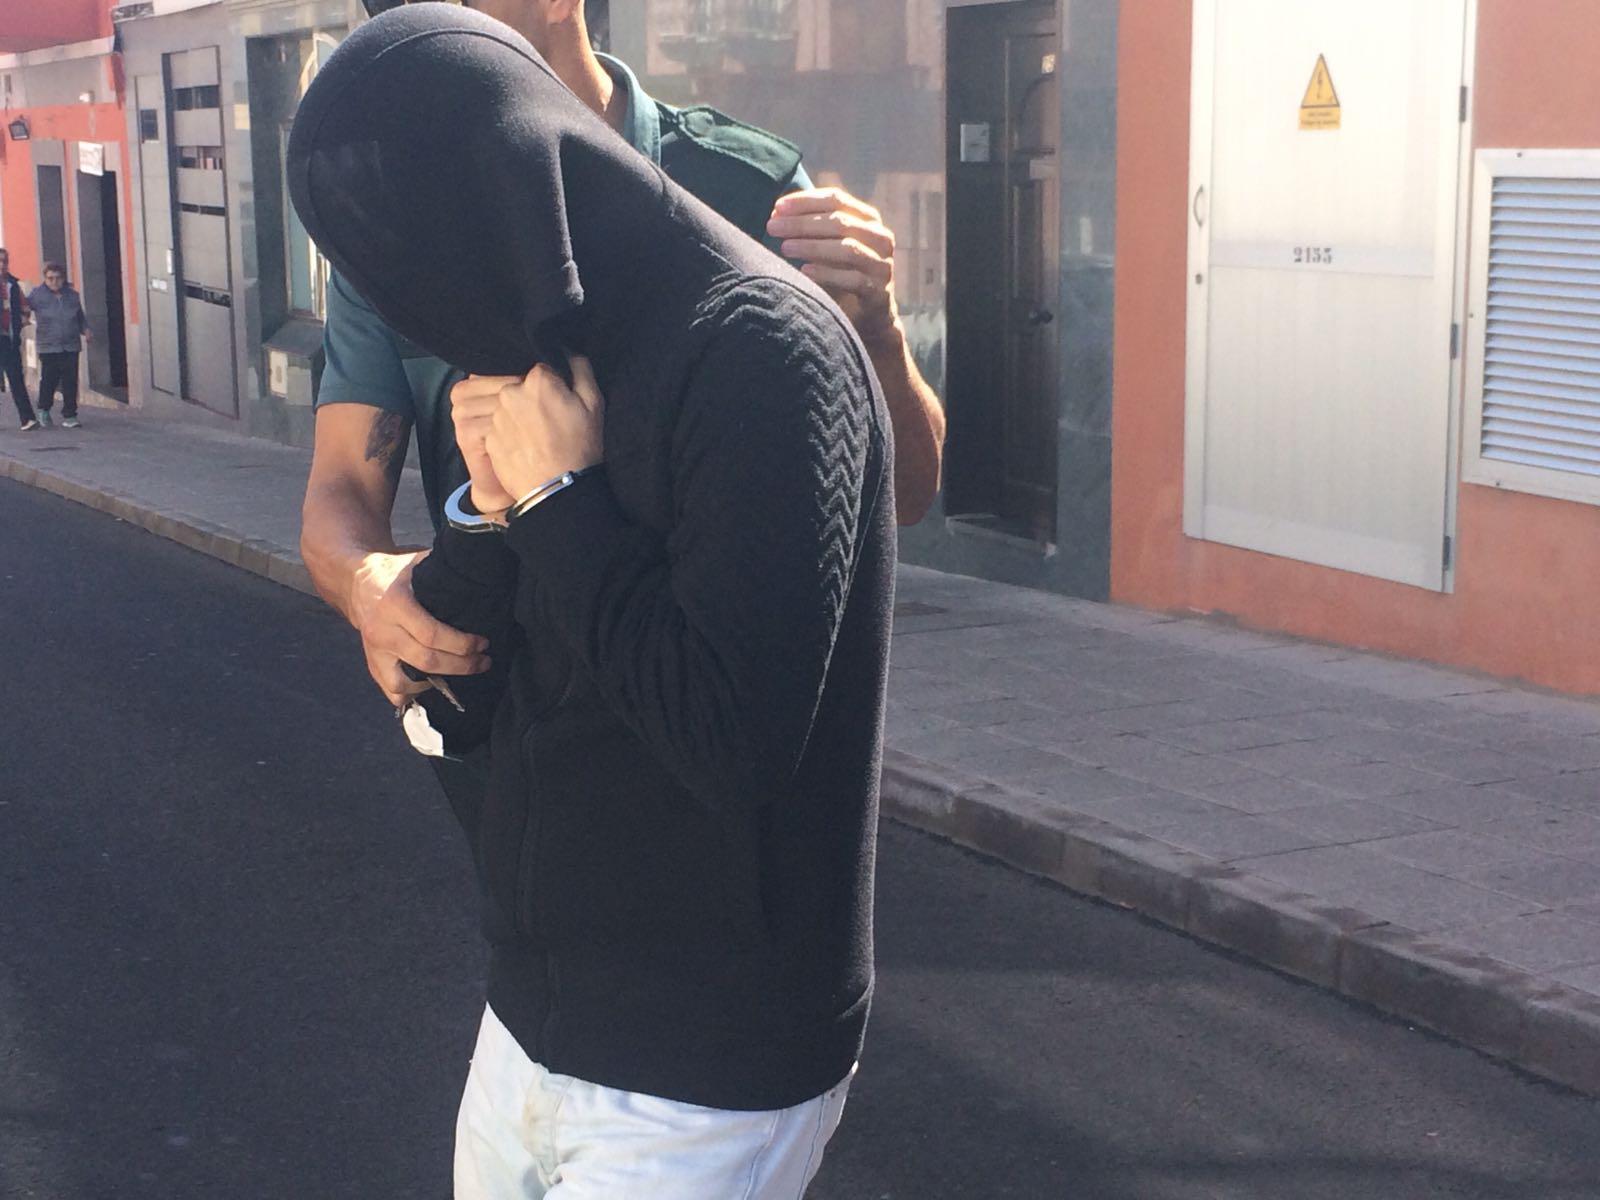 El militar acusado del asesinato de una mujer en Fuerteventura dice que fue un accidente